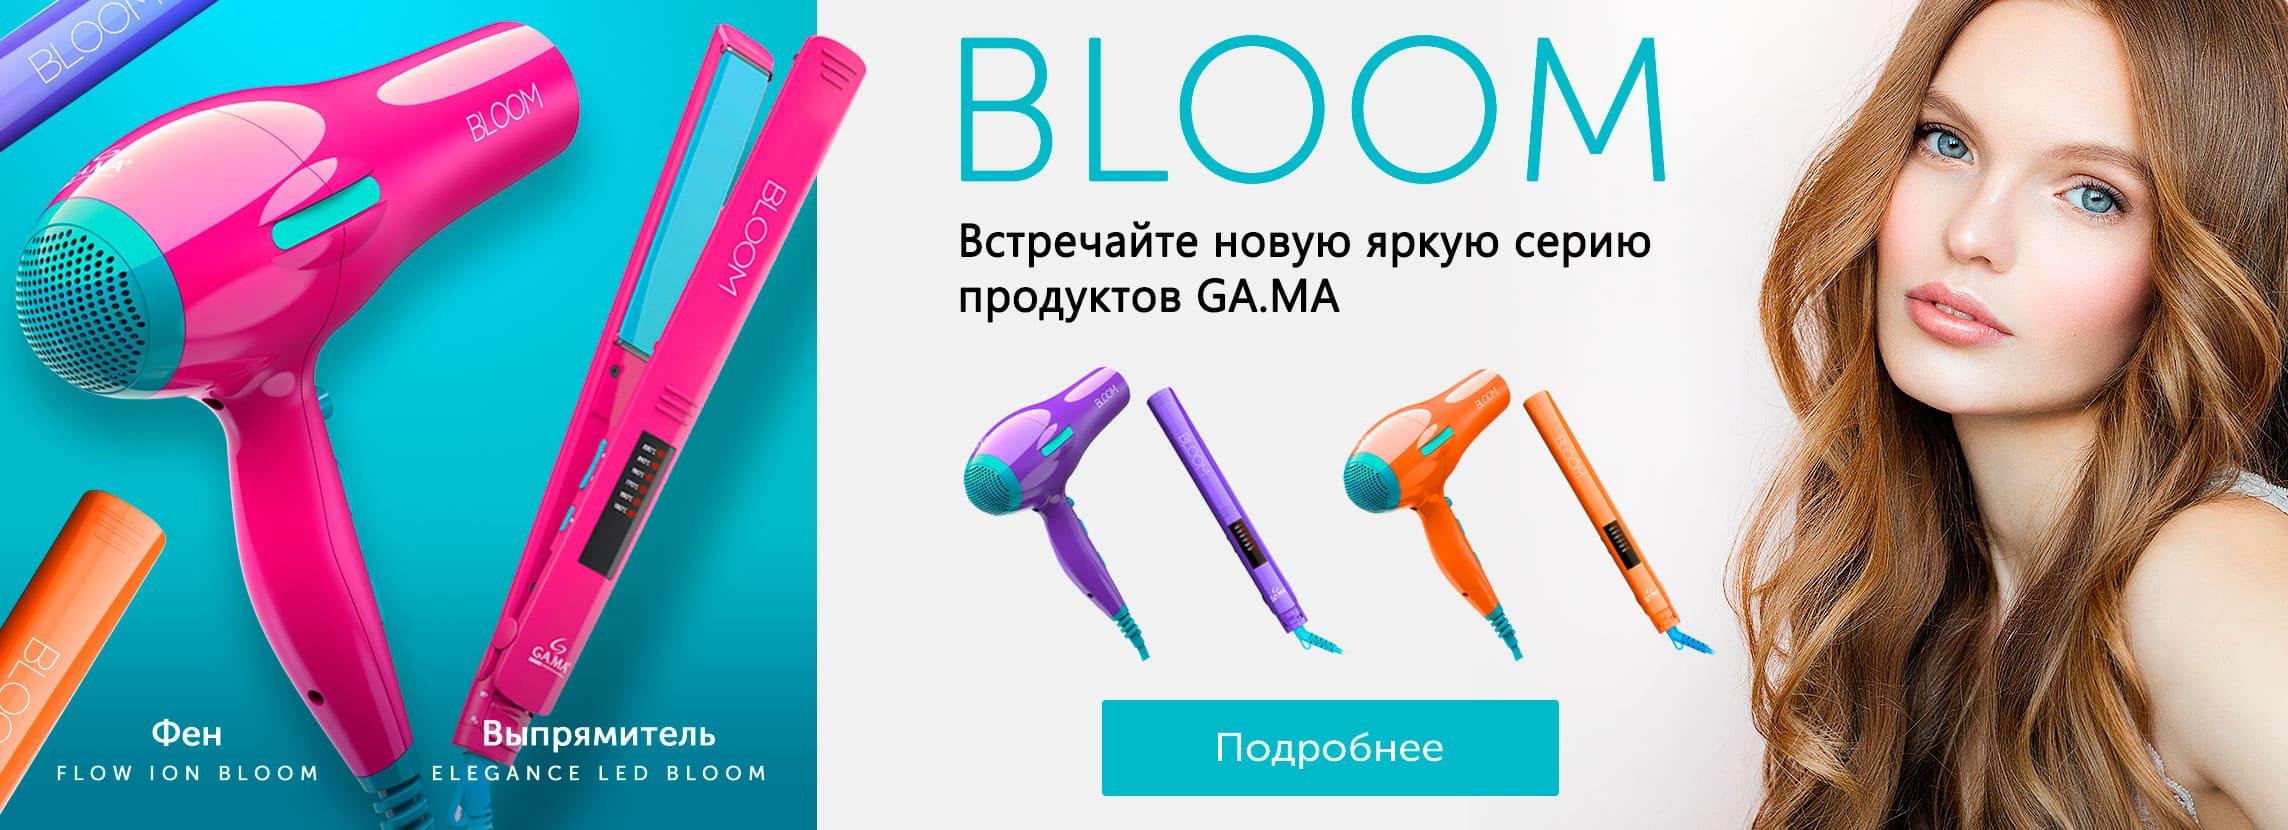 1578900500_0_bloom-sl.jpg